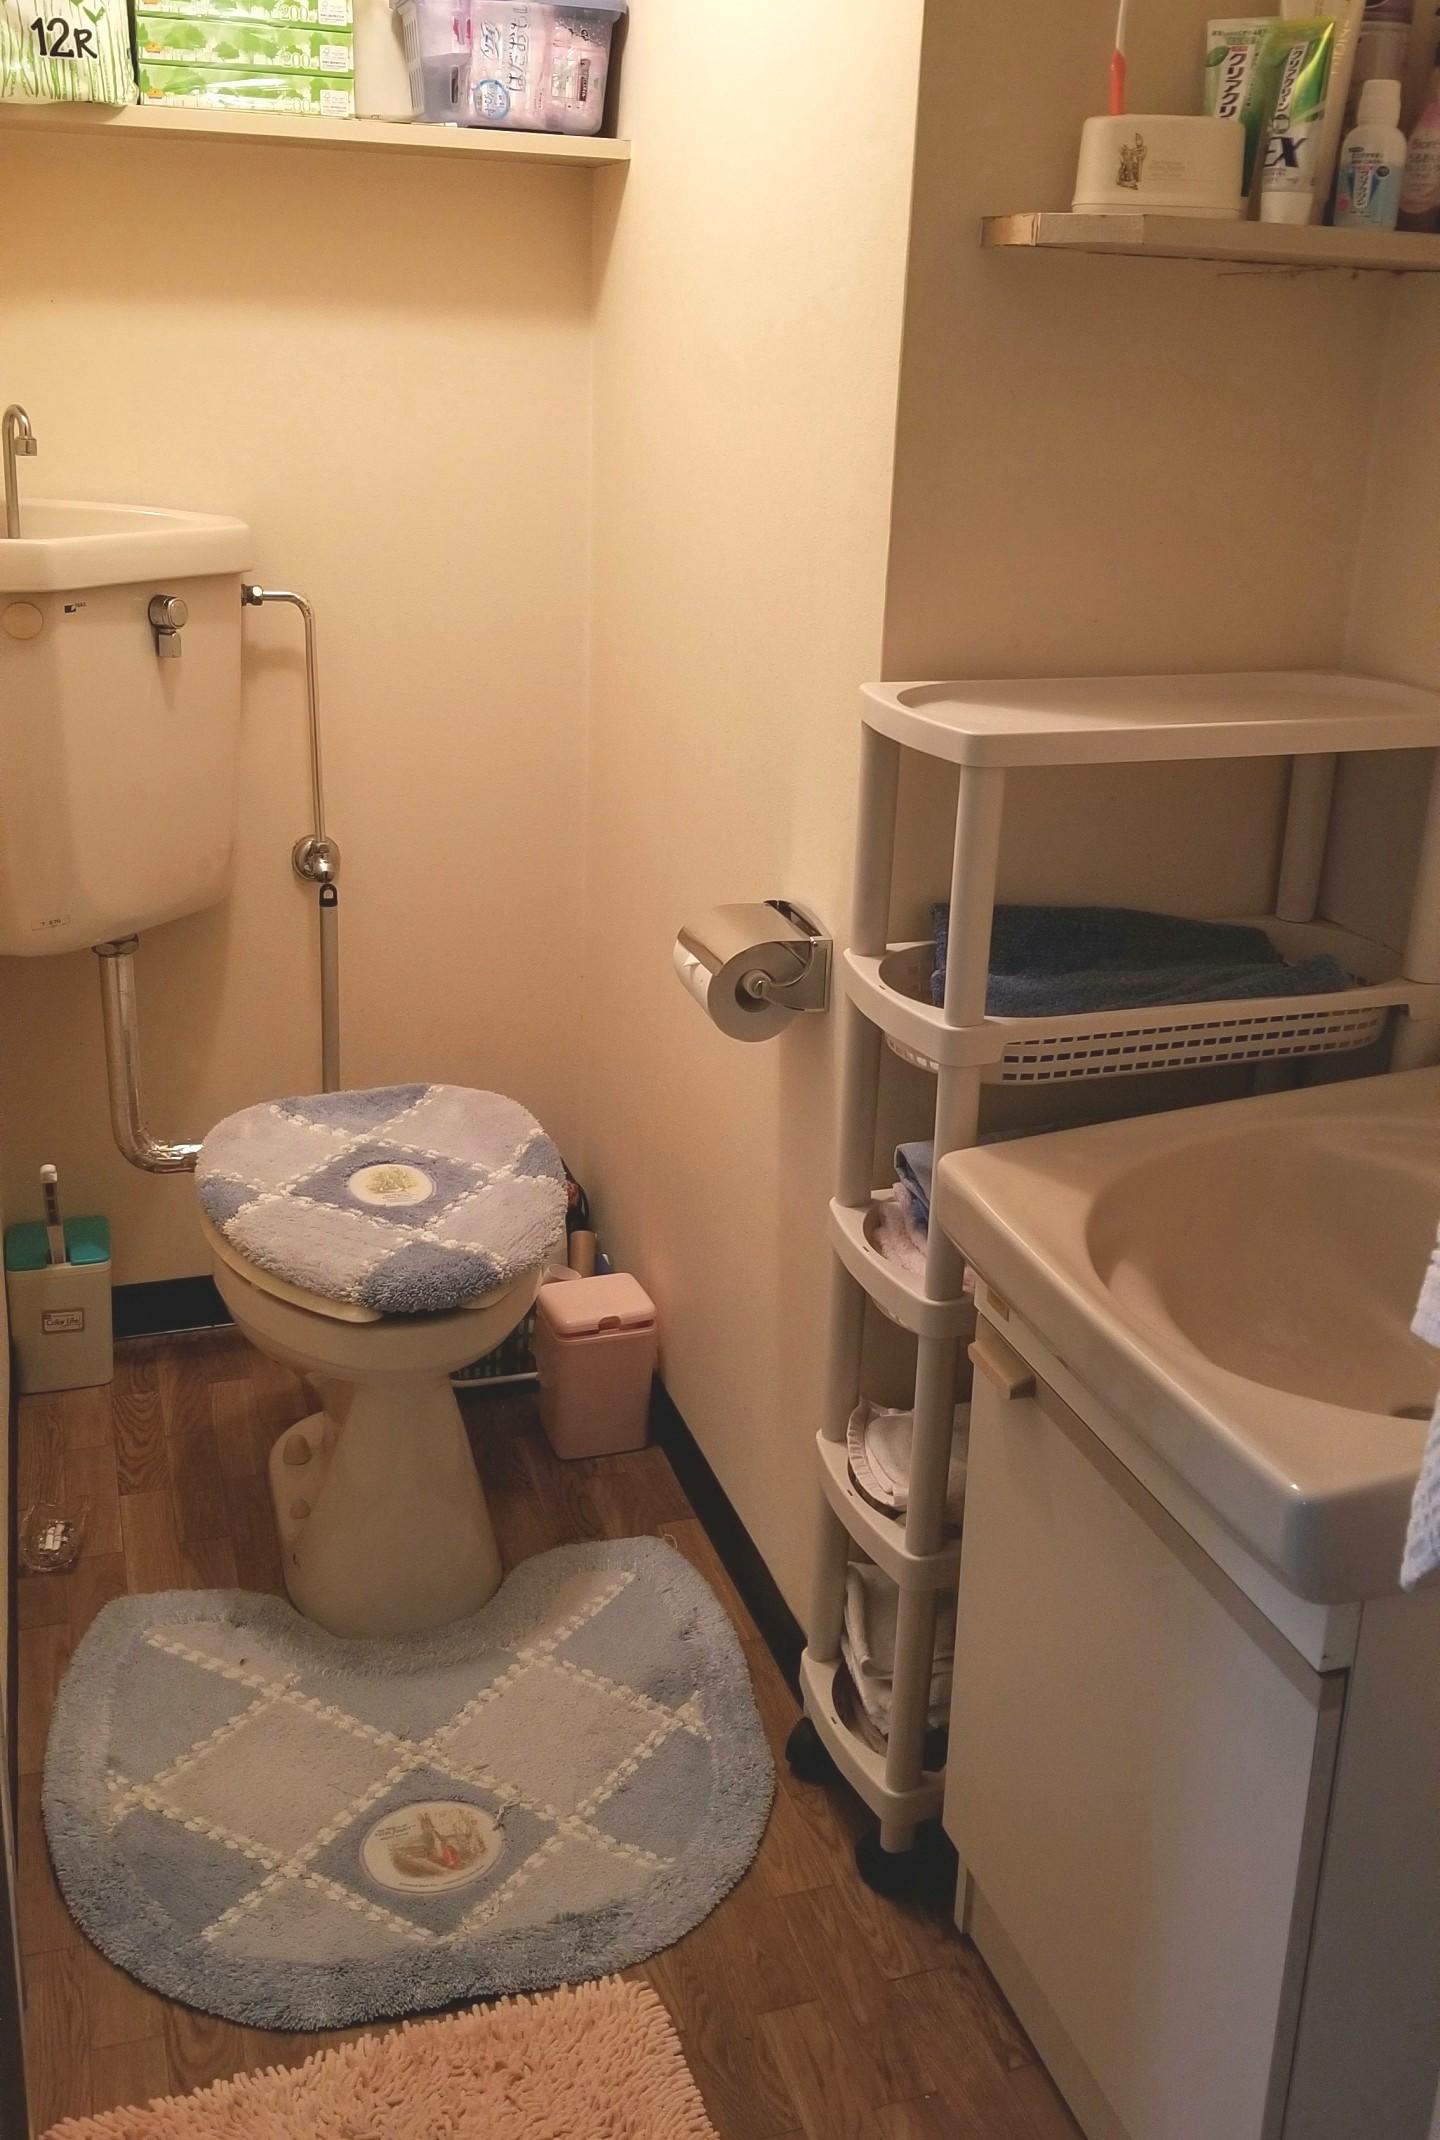 一人暮らしトイレバスルーム,ワンルームマンション,片付け掃除